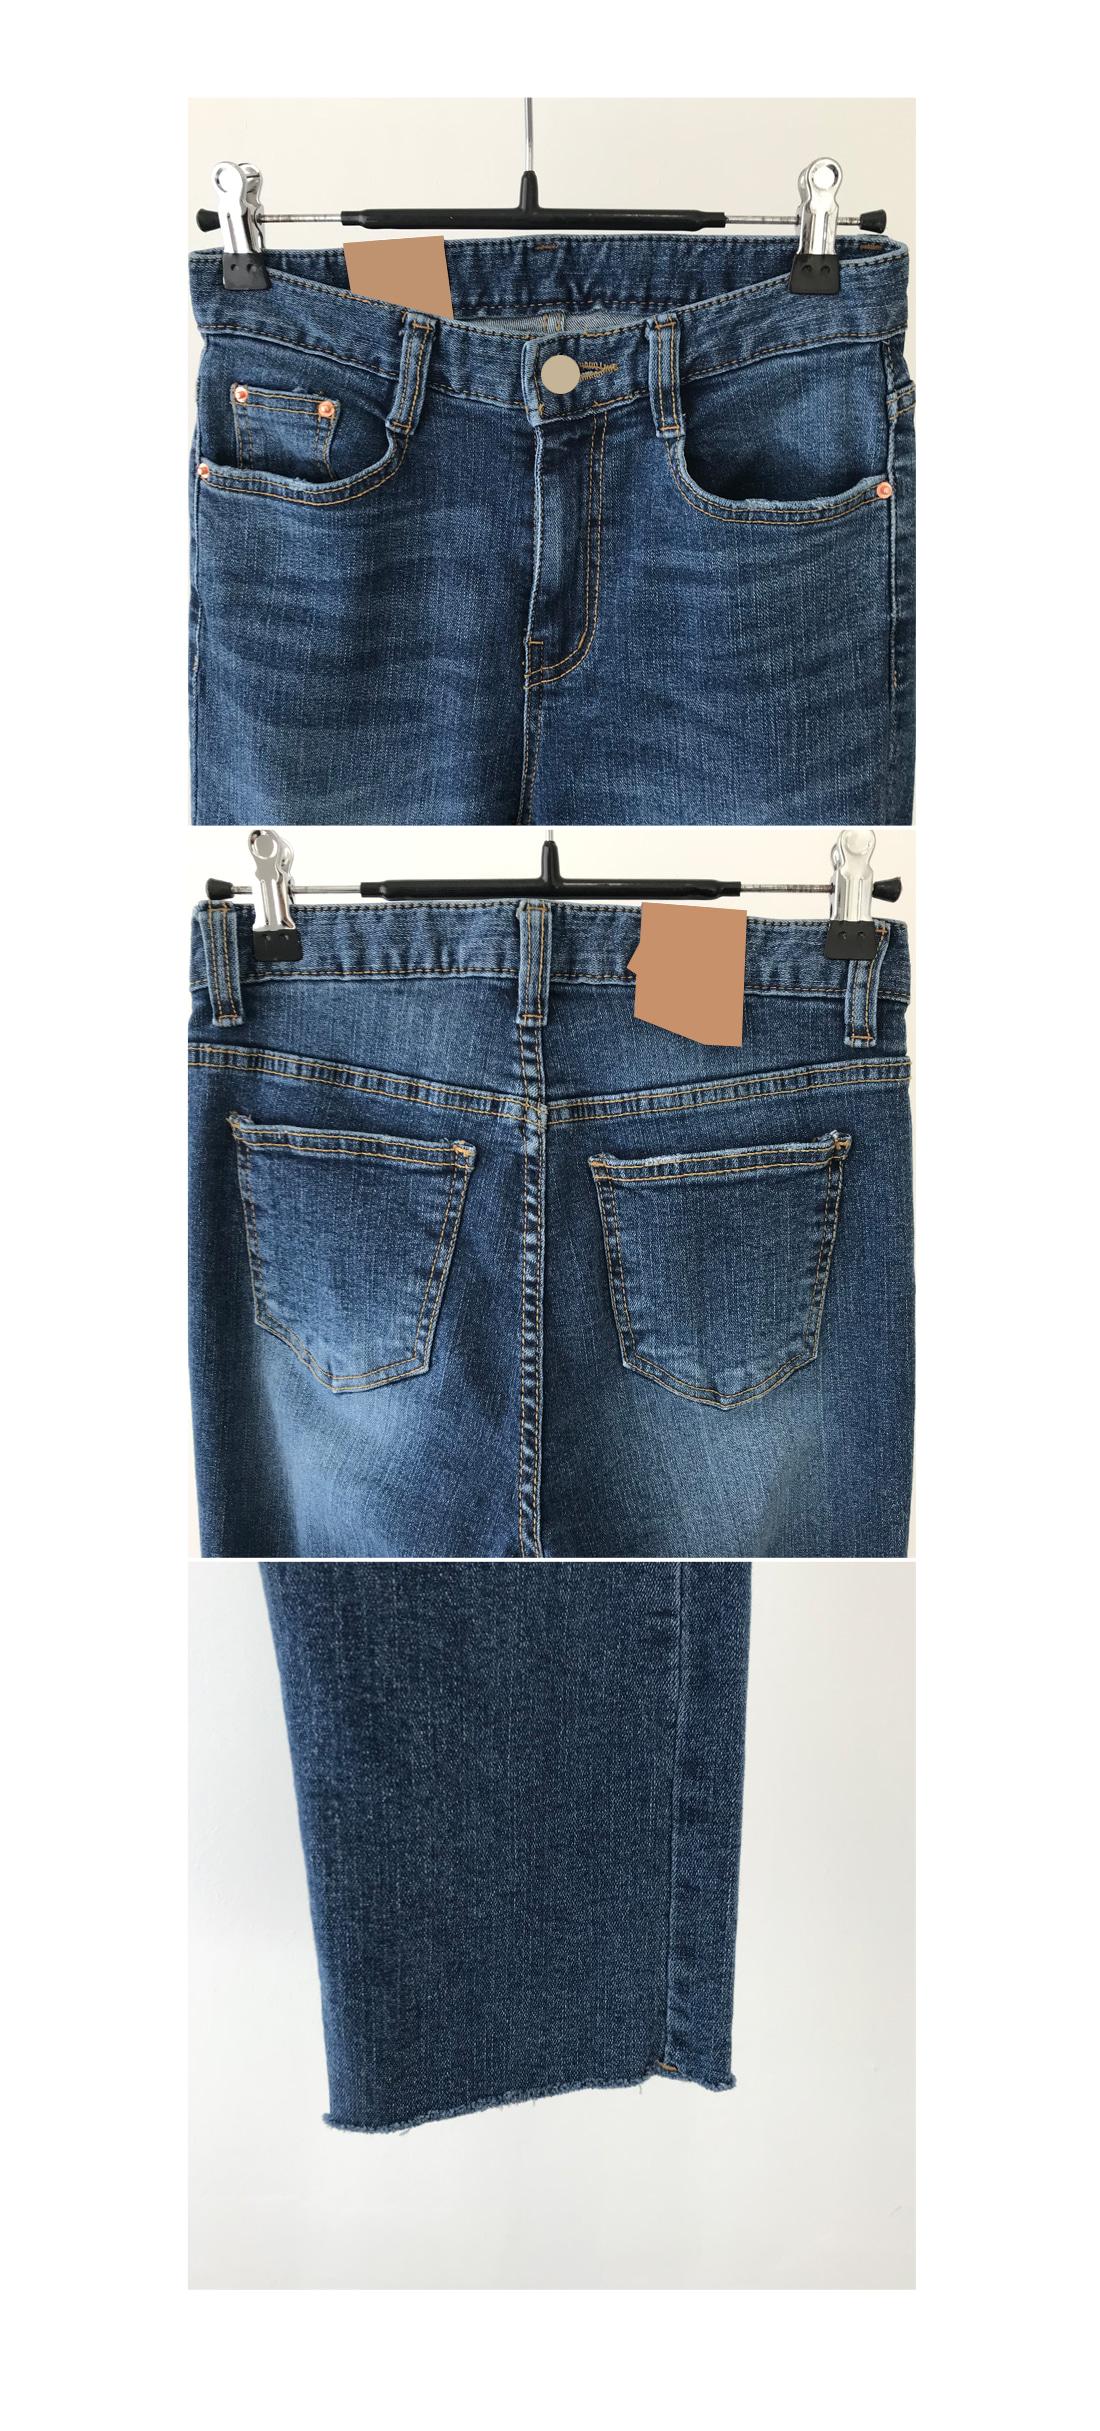 Chelsea slim date pants